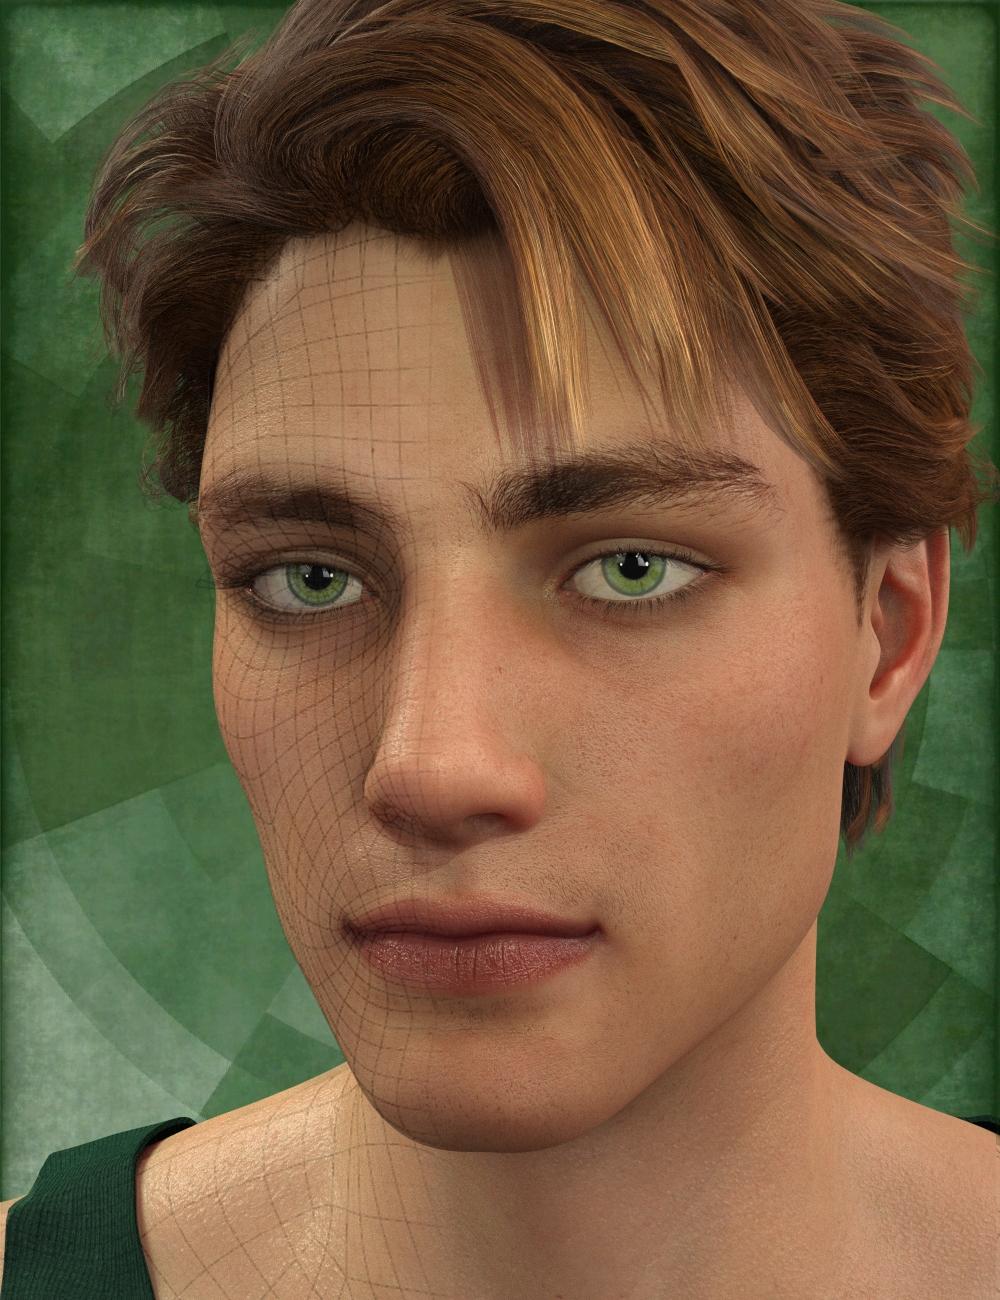 Genesis 8 Male Head Morph Resource Kit 1 by: ThorneHandspan Studios, 3D Models by Daz 3D